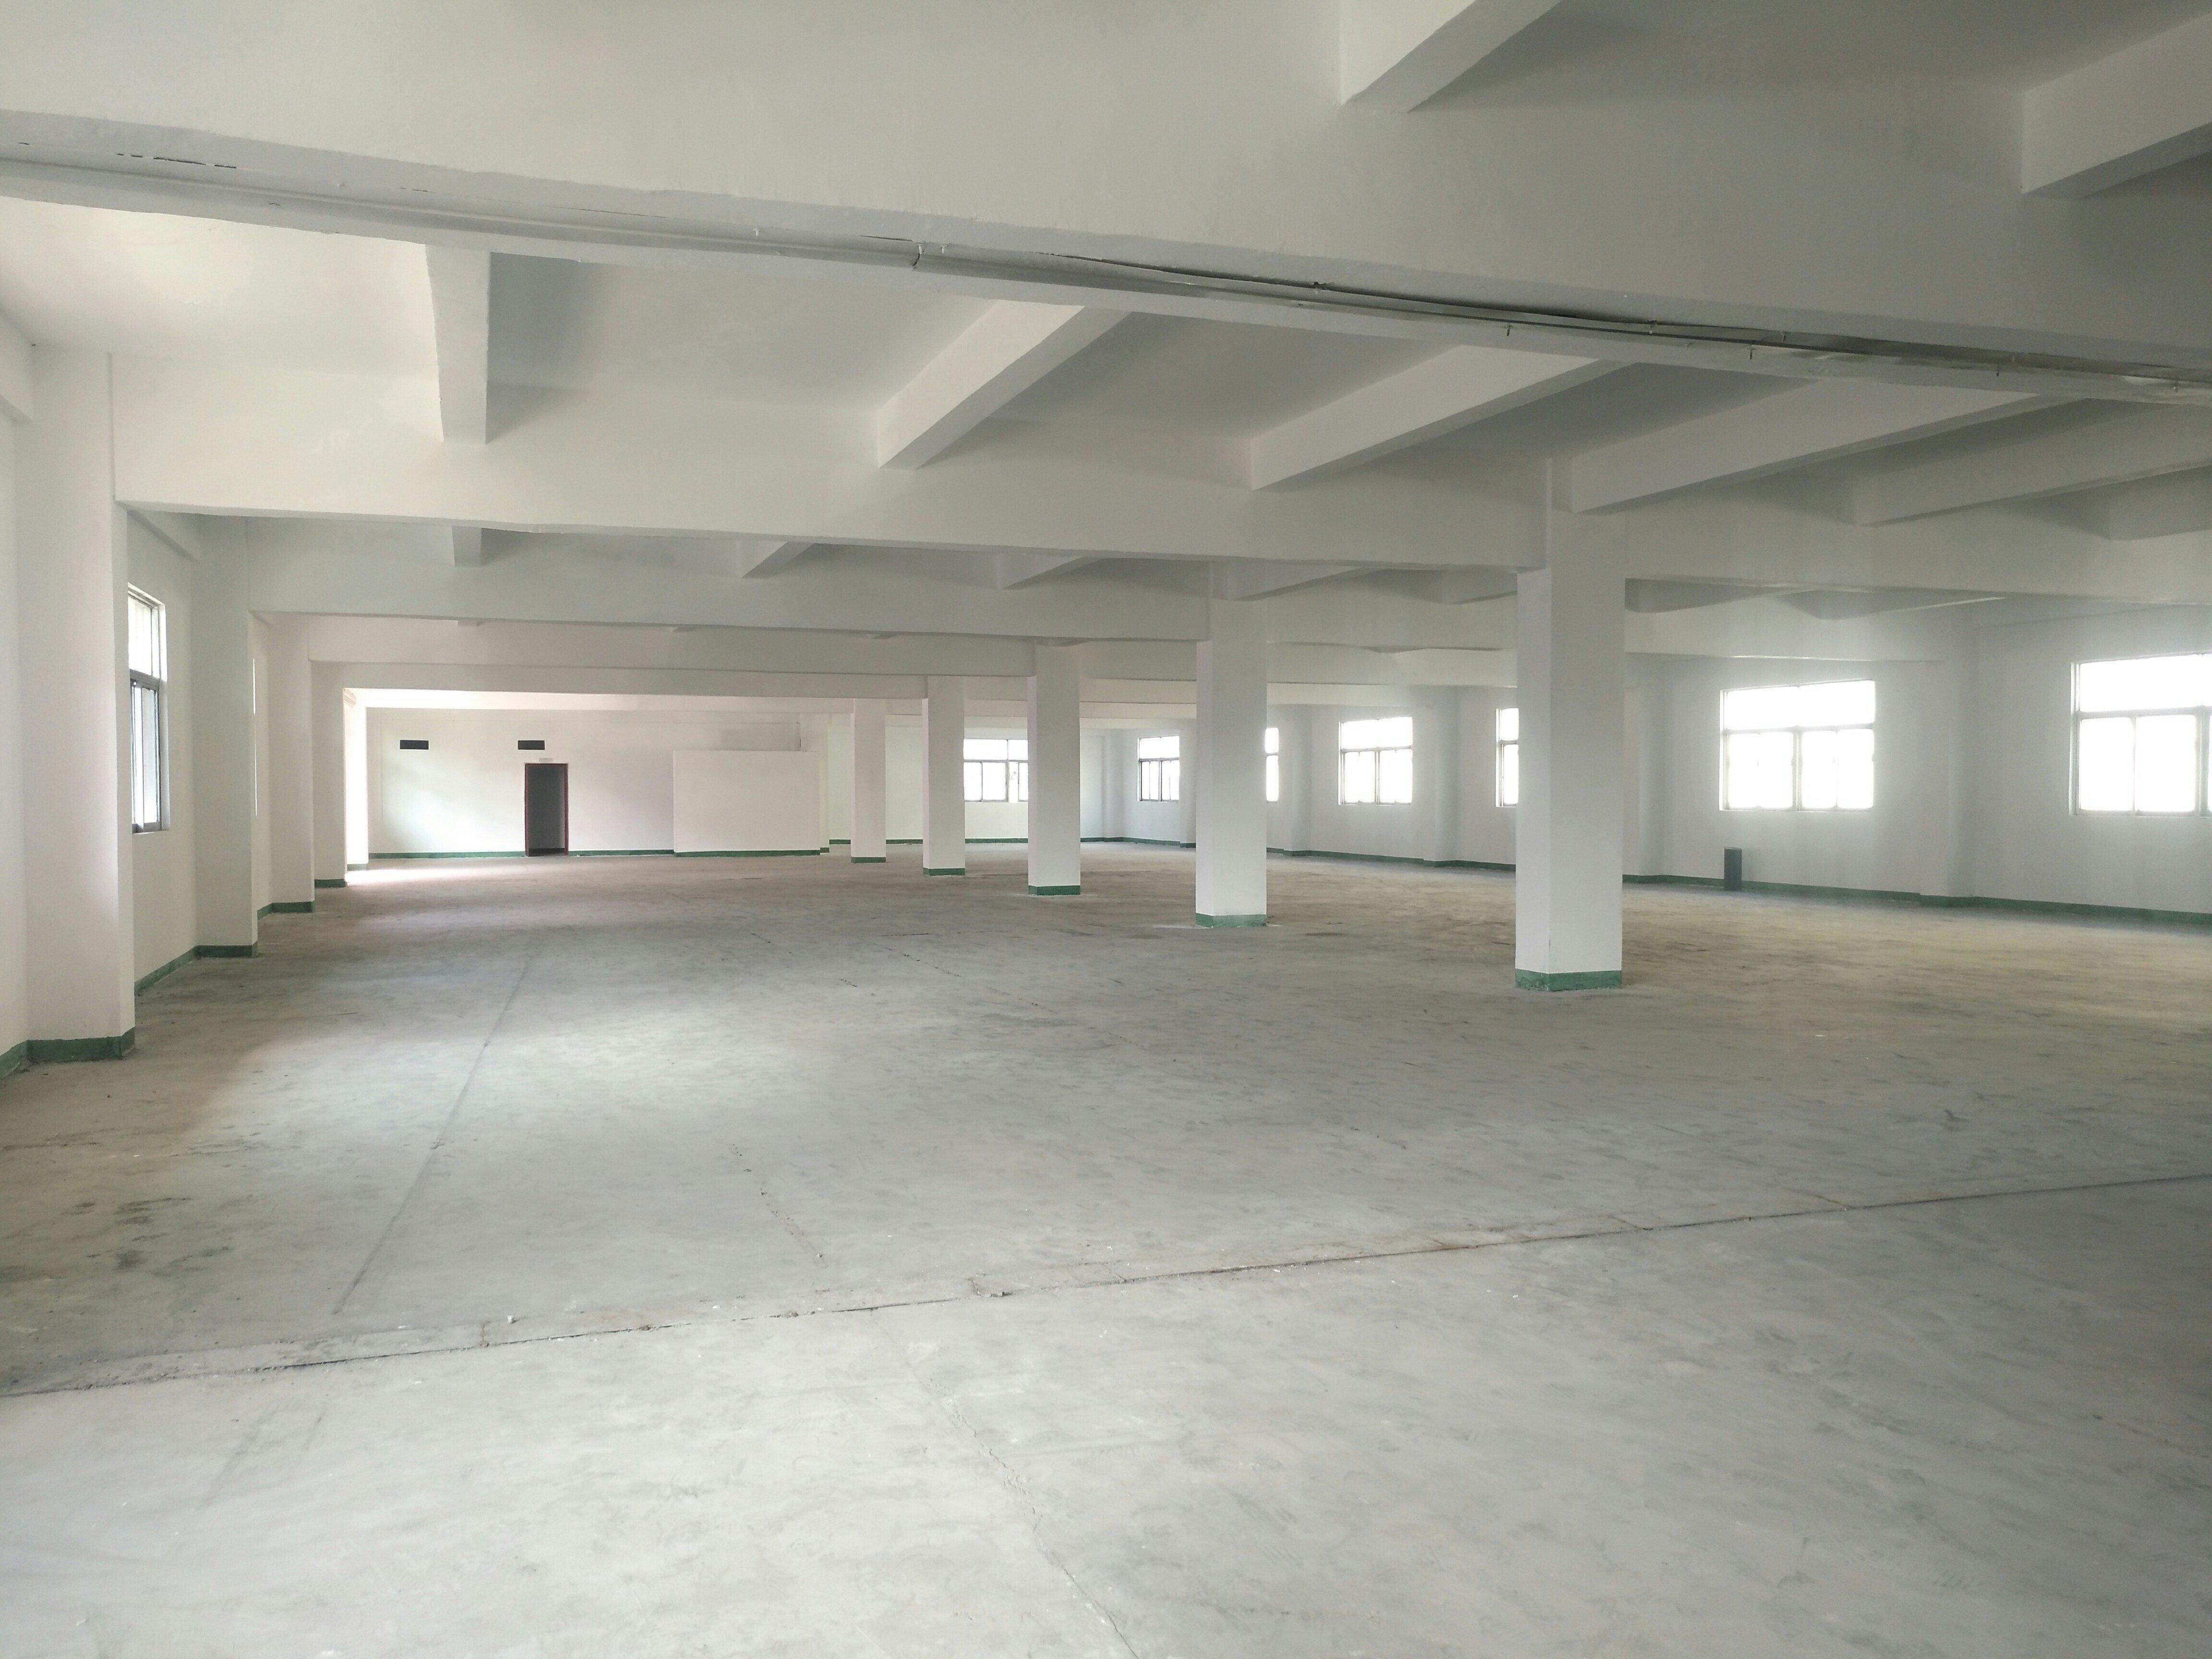 清溪镇全新标准厂房1至6层,每层4000平方分租-图2